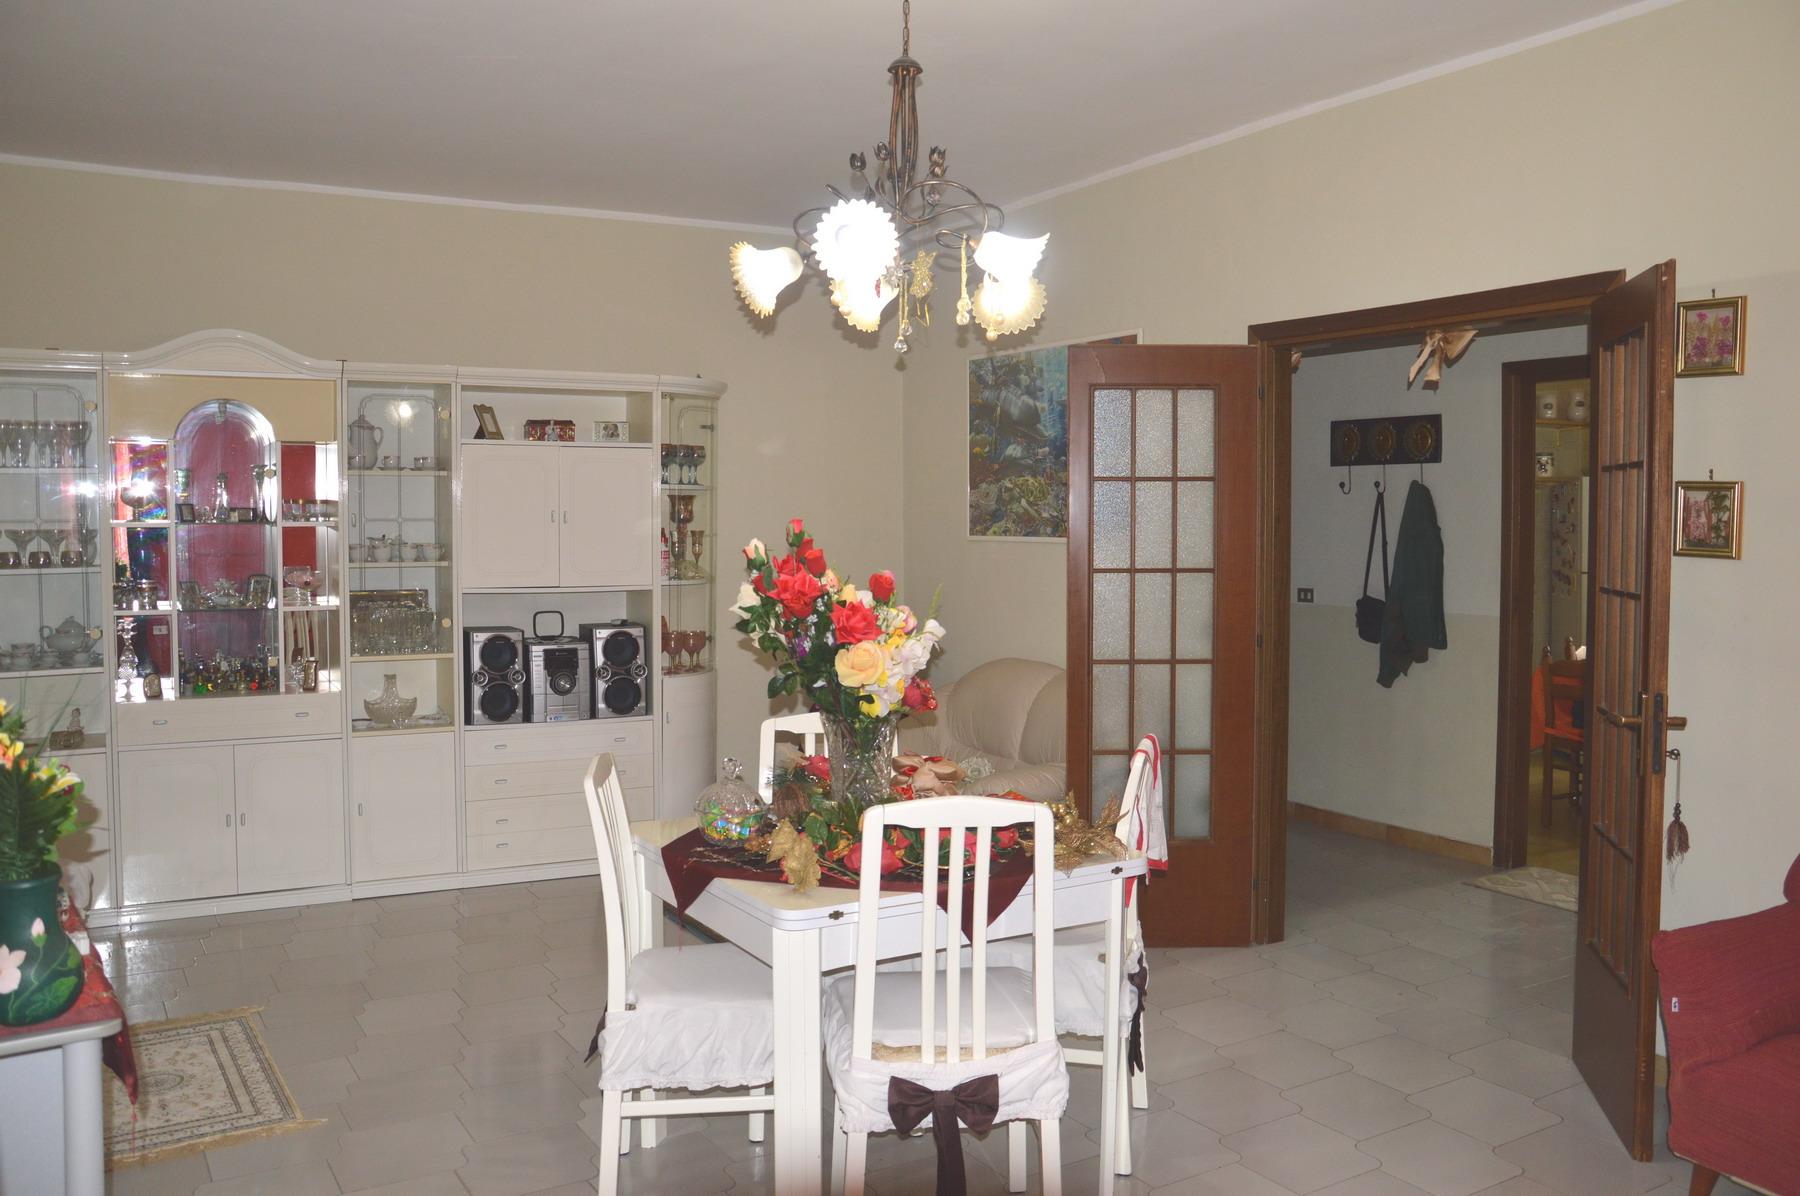 La tua casa agenzia immobiliare - La tua casa parma ...